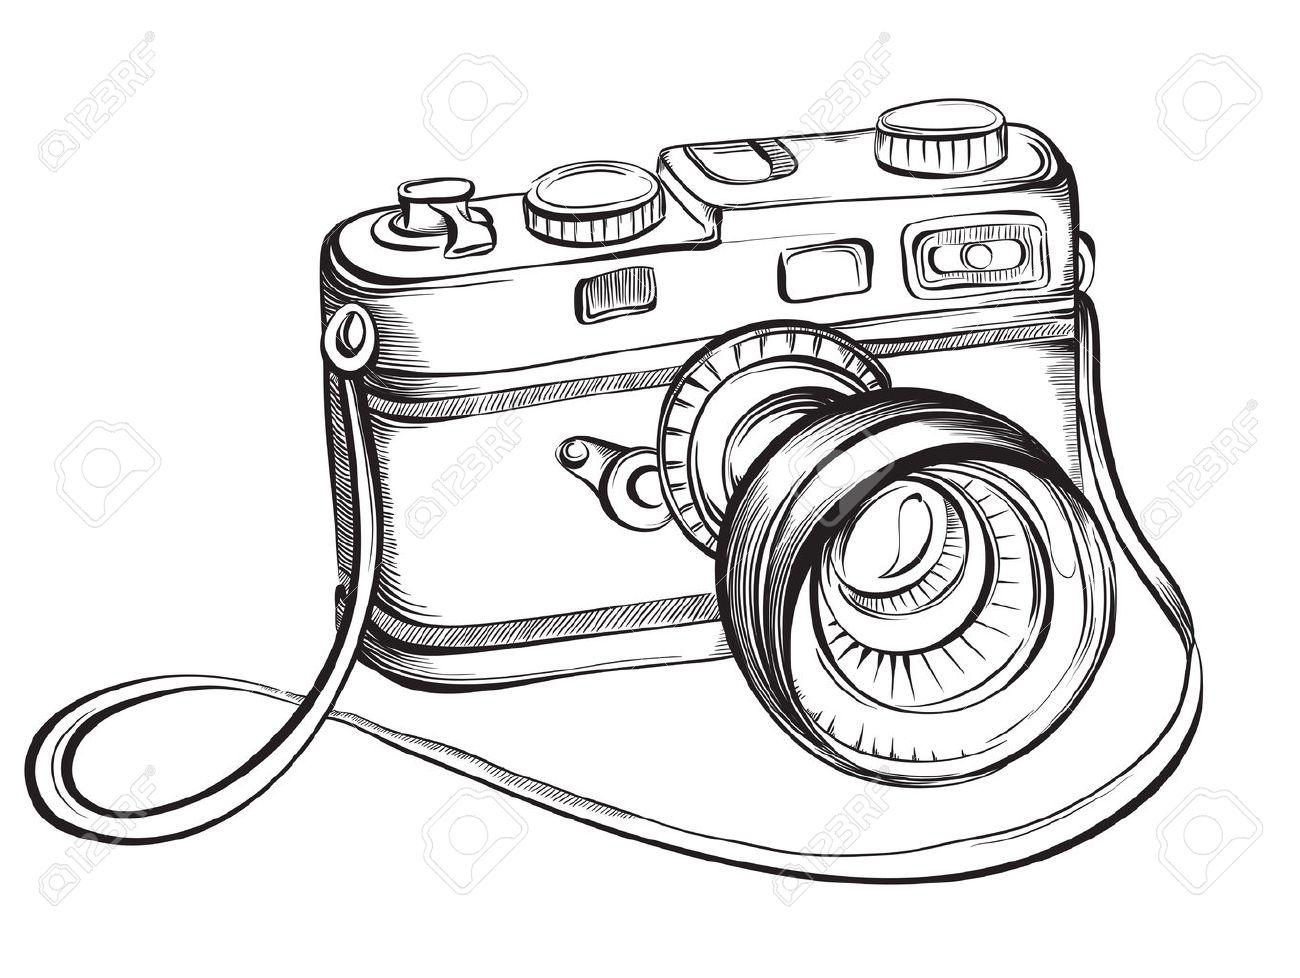 1300x978 Sketch Vintage Retro Photo Camera. Vector Hand Drawn Illustration